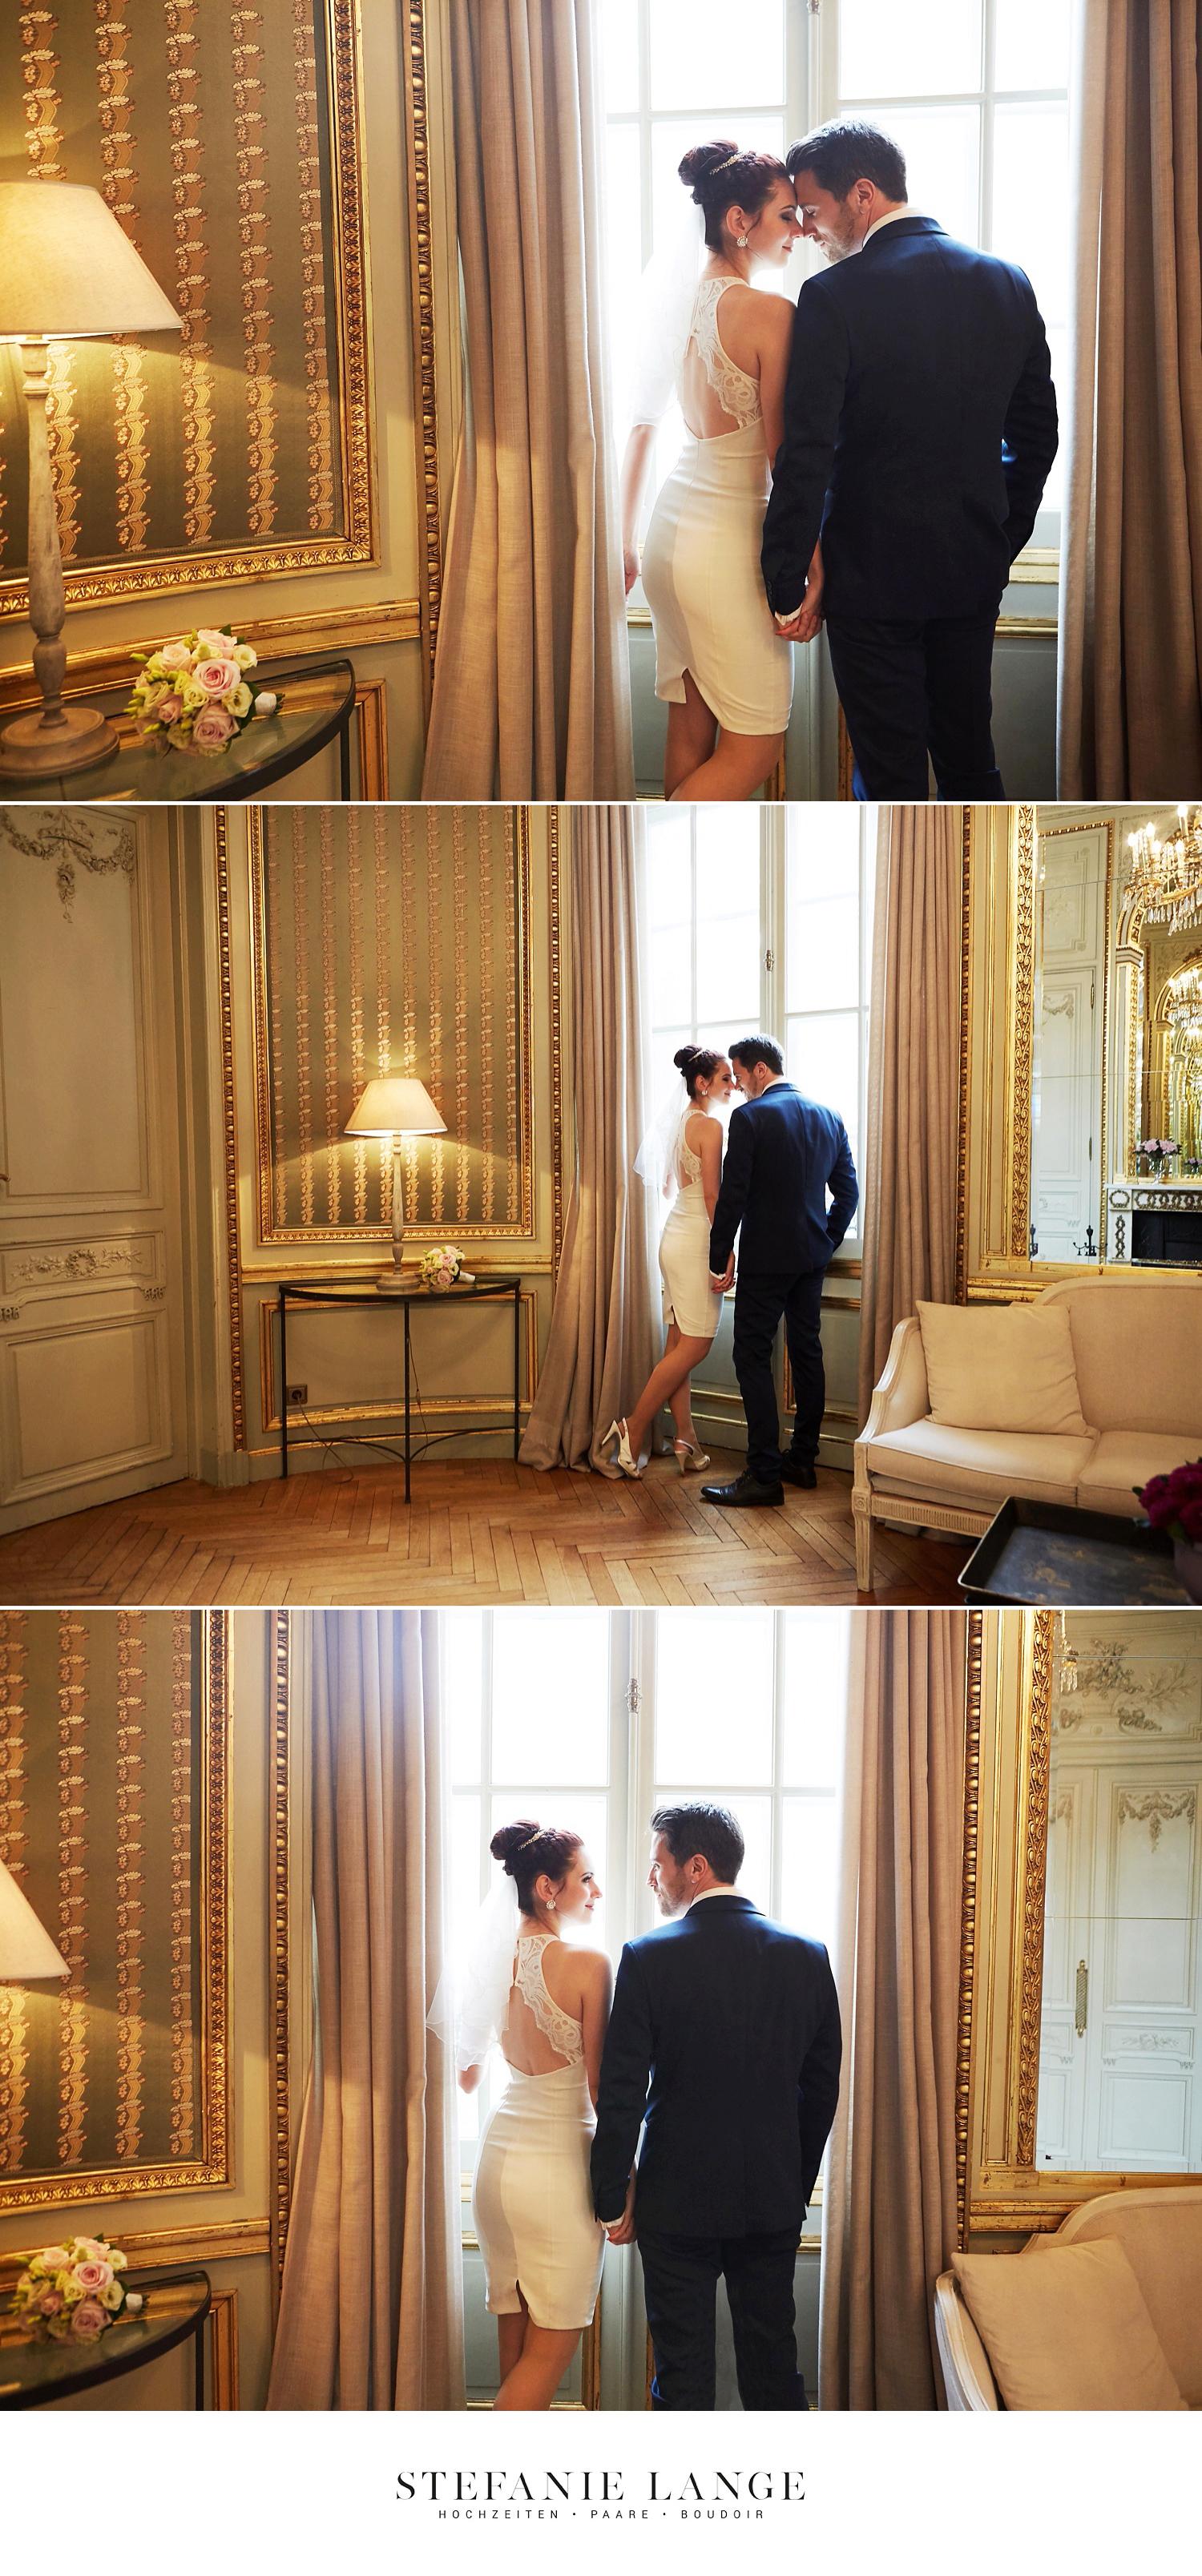 Hochzeit im Patrick Hellmann Schlosshotel Grunewald in Berlin - Hochzeitsfotos vom Brautpaar - Stefanie Lange